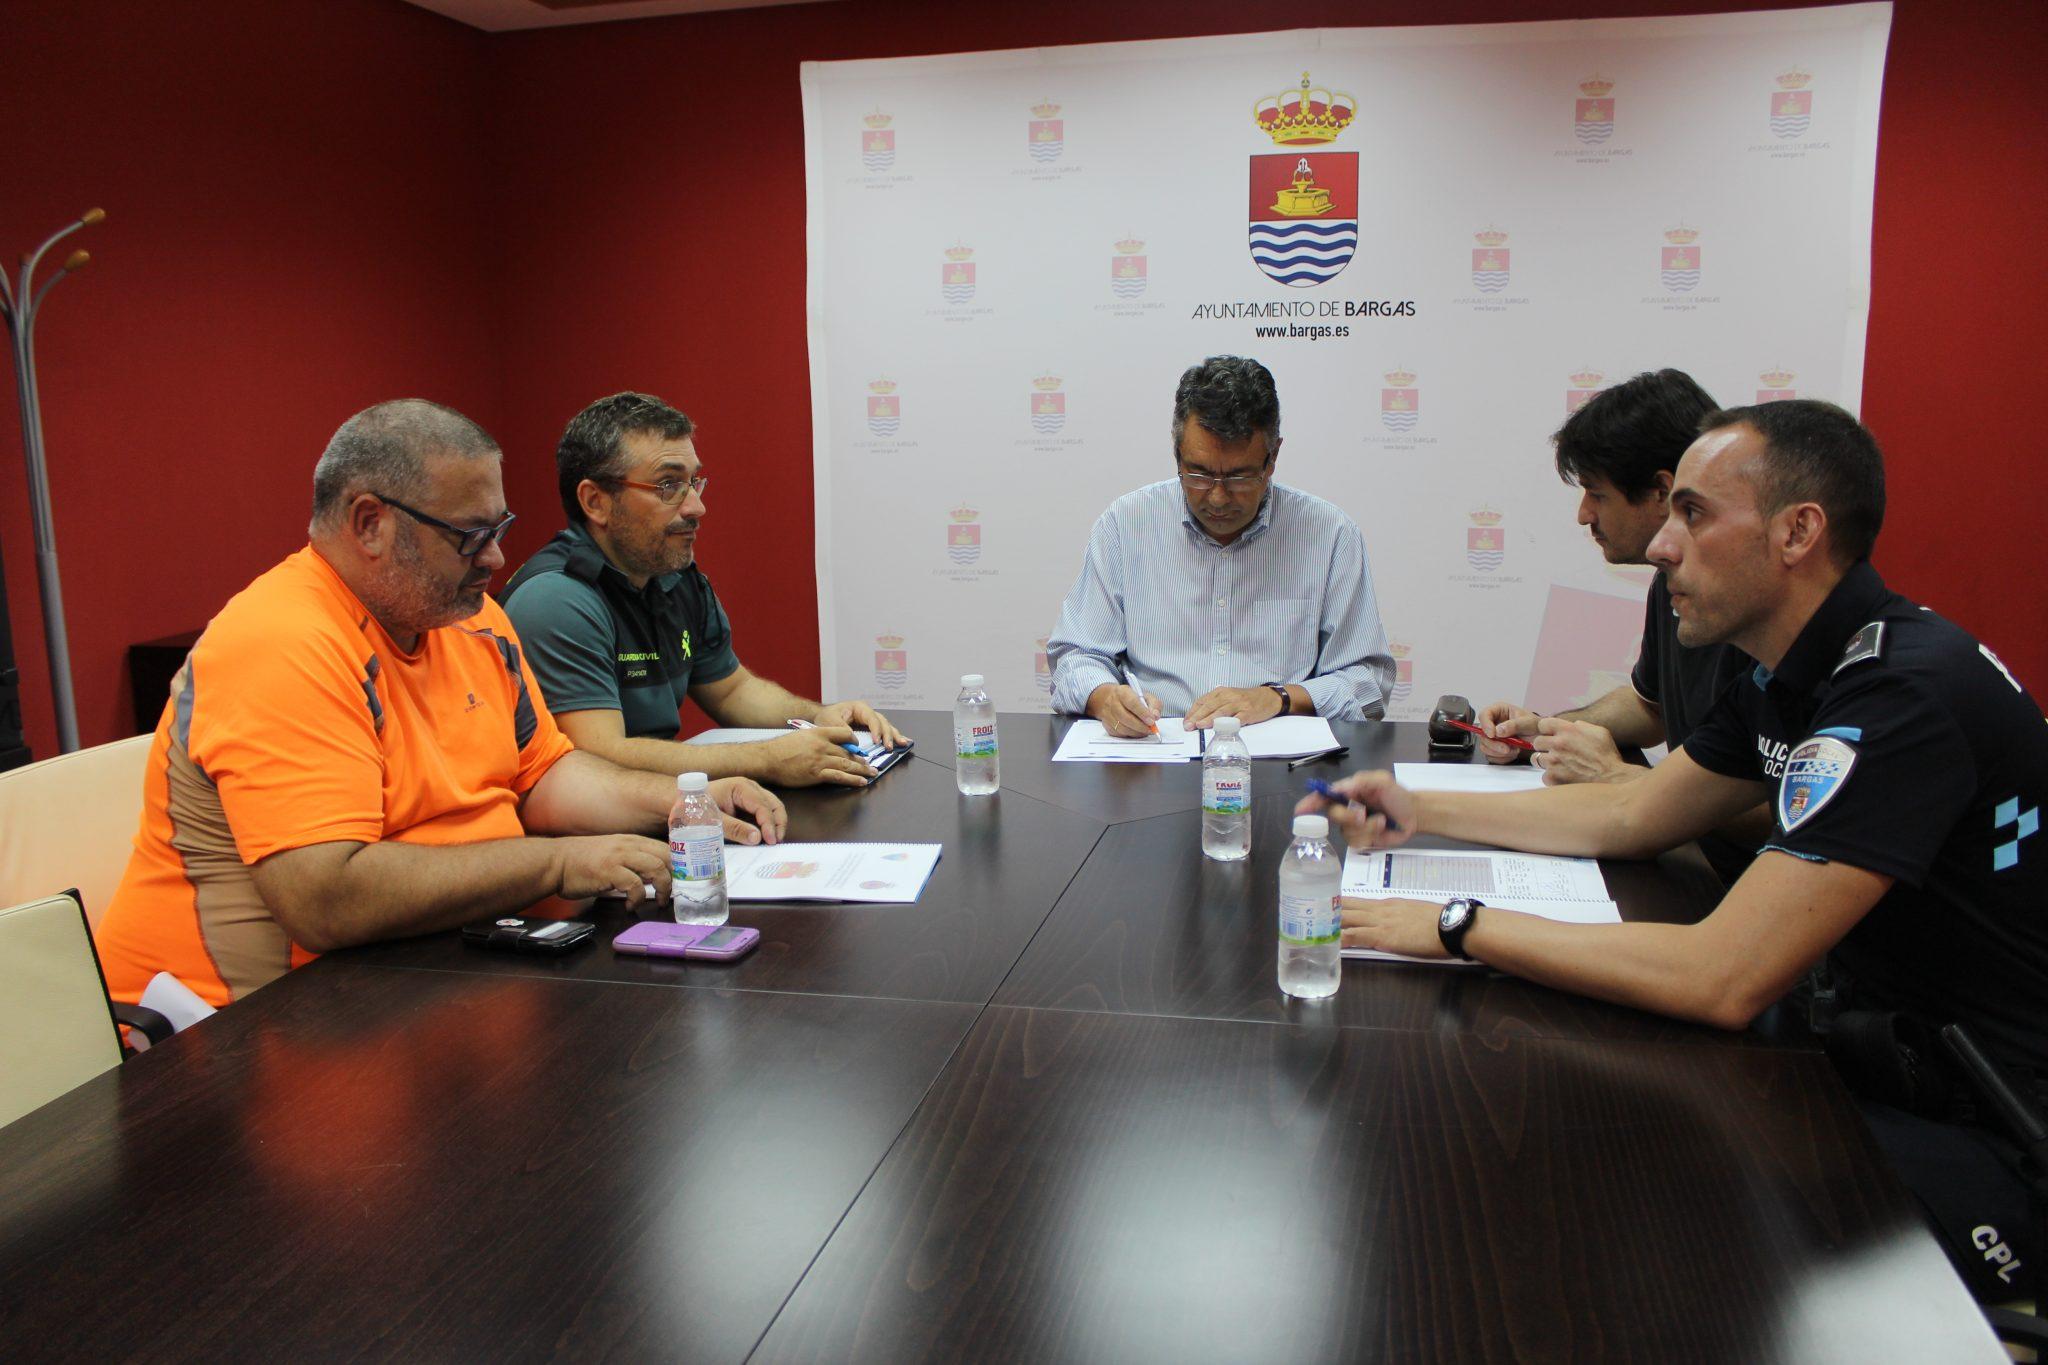 Se firma en Bargas el Plan local de seguridad y emergencia para las fiestas 2017.